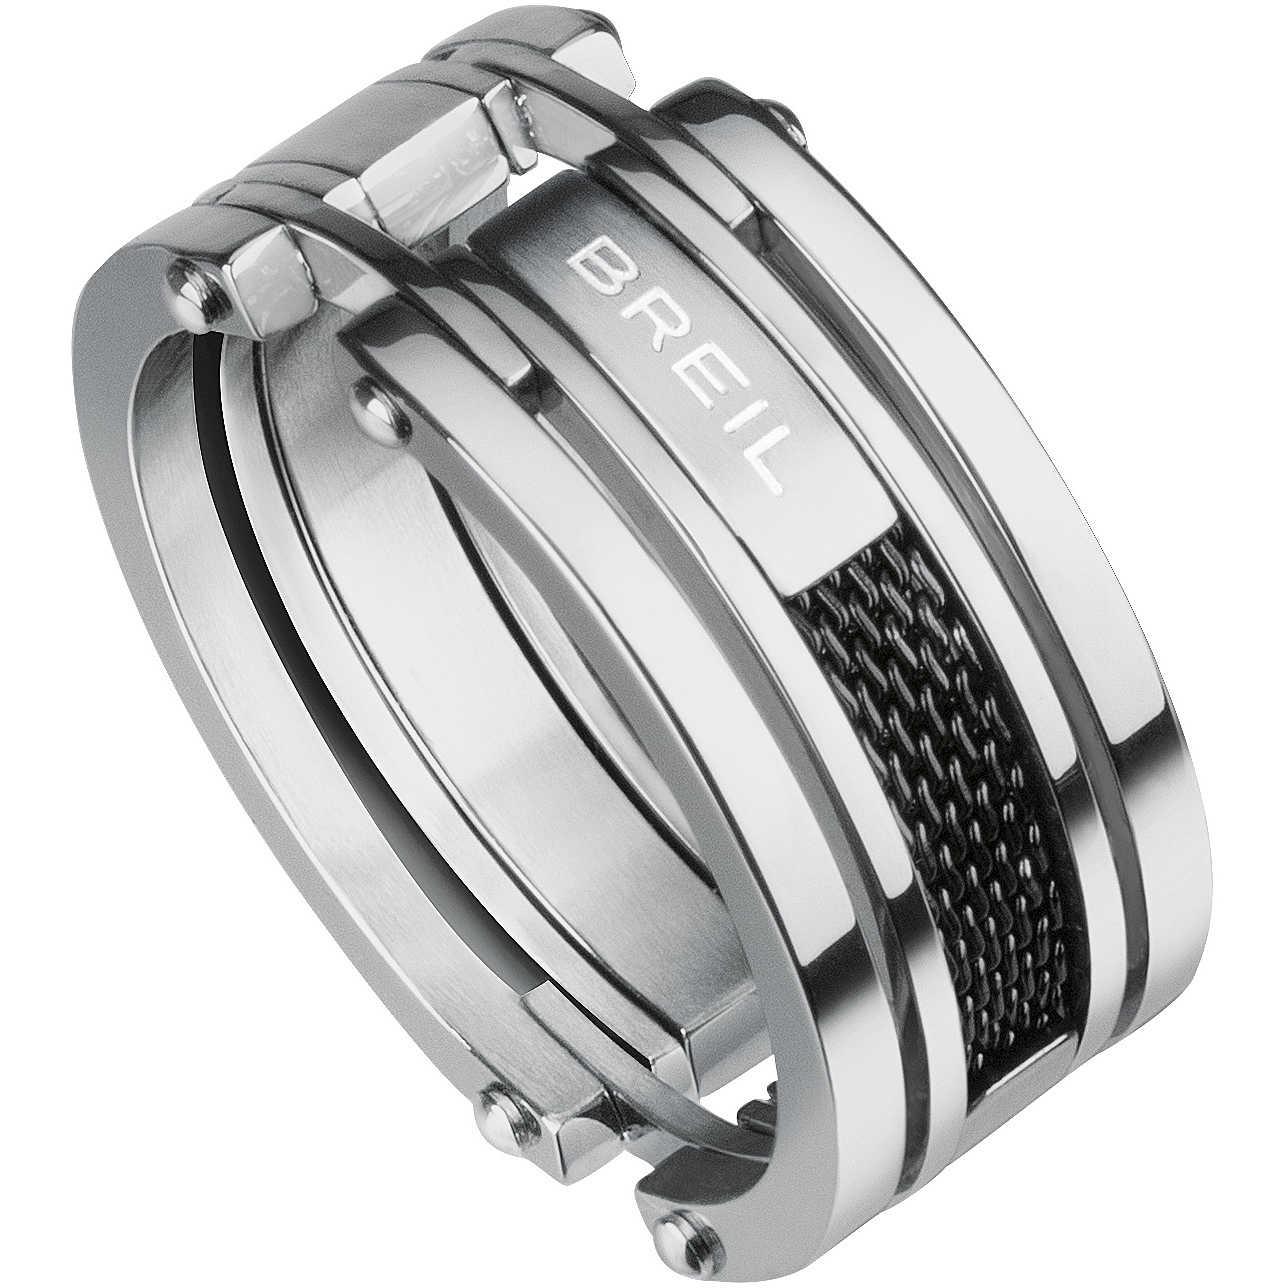 Favorito anello uomo gioielli Breil Pilot TJ1935 anelli Breil OY88